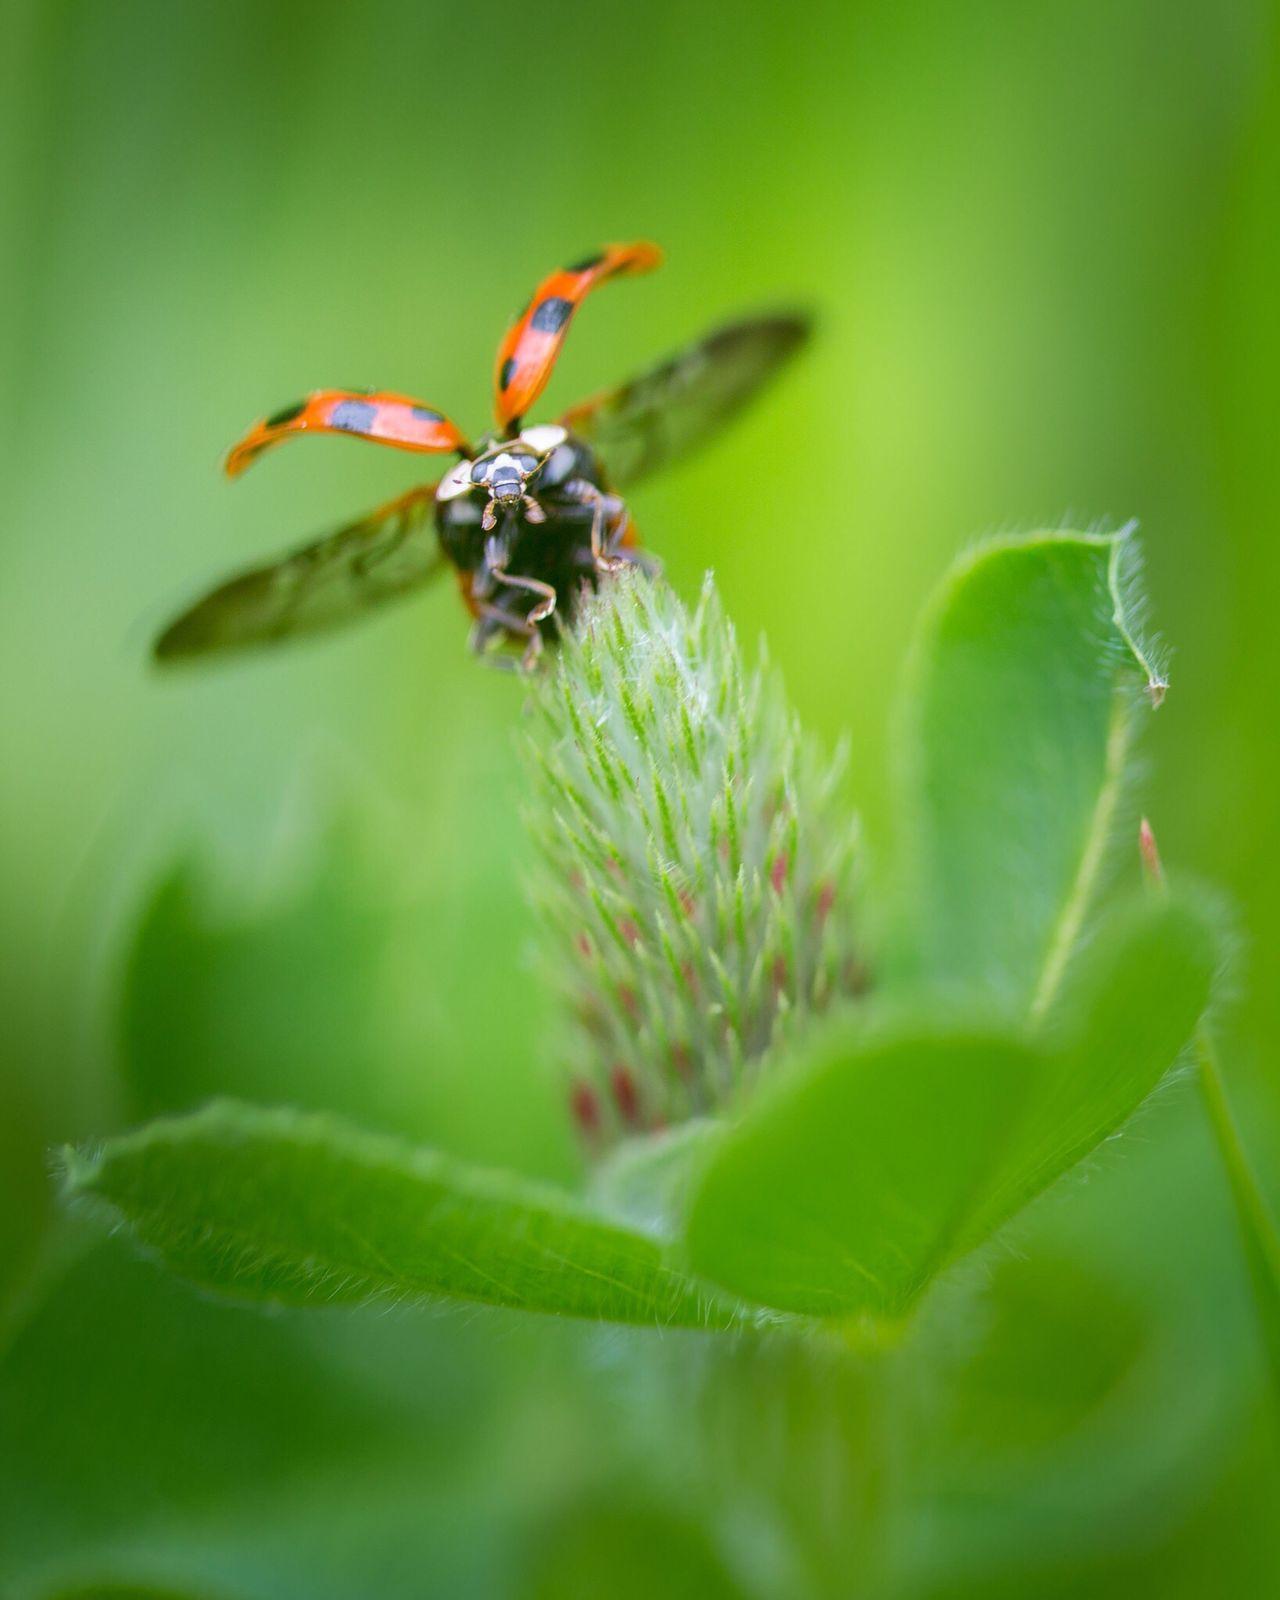 Beetles Beetle Ladybugmacro Ladybugs Photography Ladybug🐞 Ladybug Collection Ladybug😊😊🐞🐞🐞 Ladybugs Ladybug Colors Macro Beautiful Nature Macro Photography Nature Photography Flowers,Plants & Garden Beautiful Green Color Green Flowers, Nature And Beauty Flying Wings Take Off